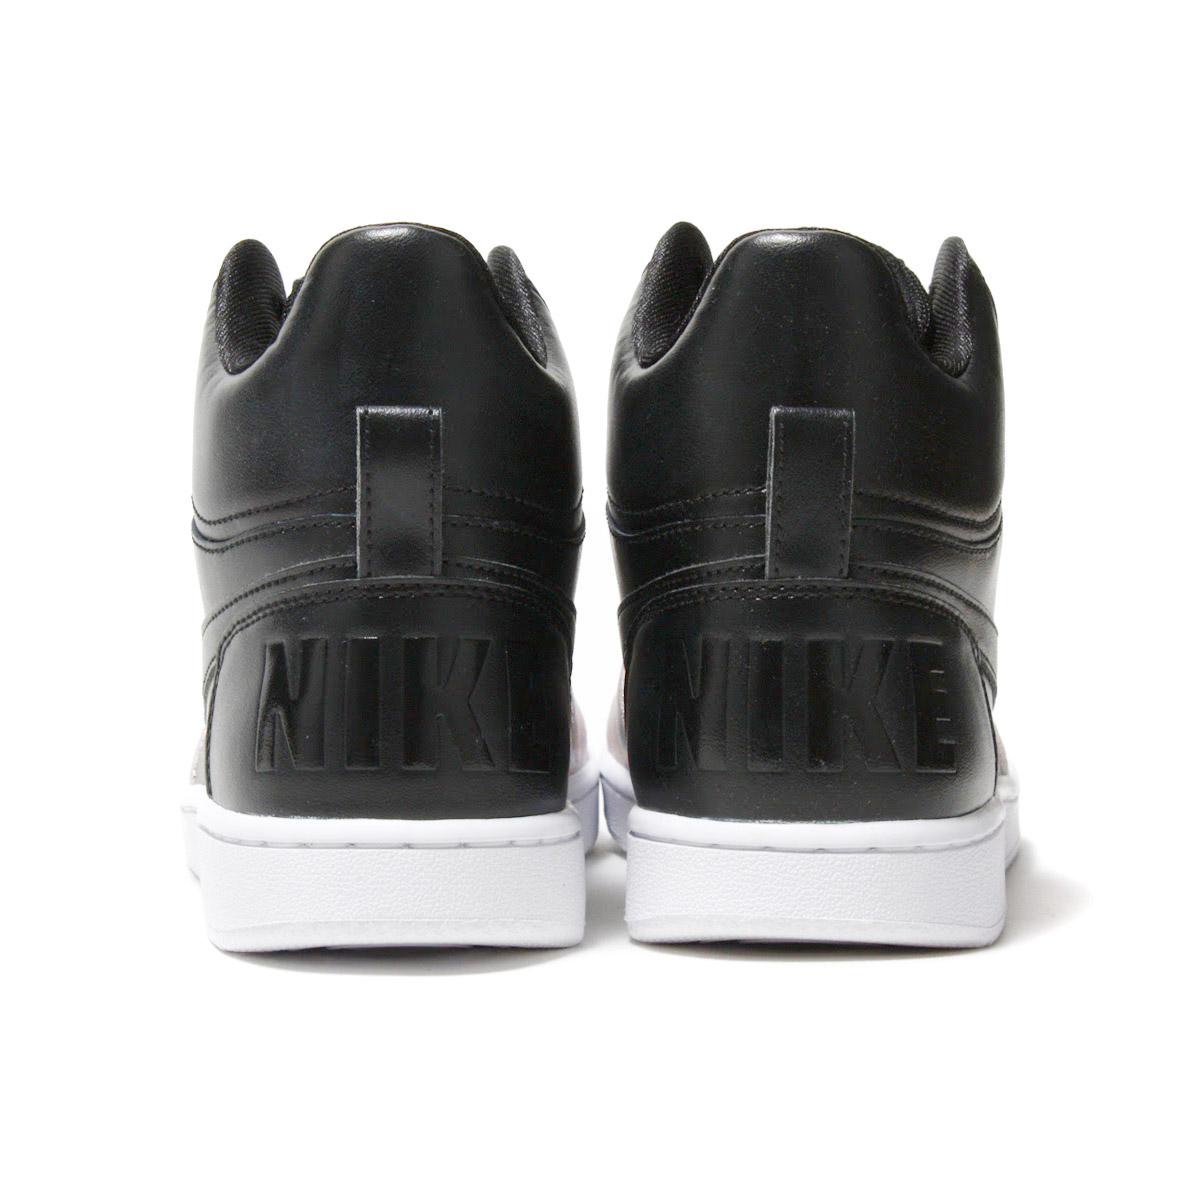 adc7de6611ce NIKE W COURT BOROUGH MID PREM (Nike women coat Barlow mid premium)  BLACK BLACK-ROSE GOLD 17HO-I